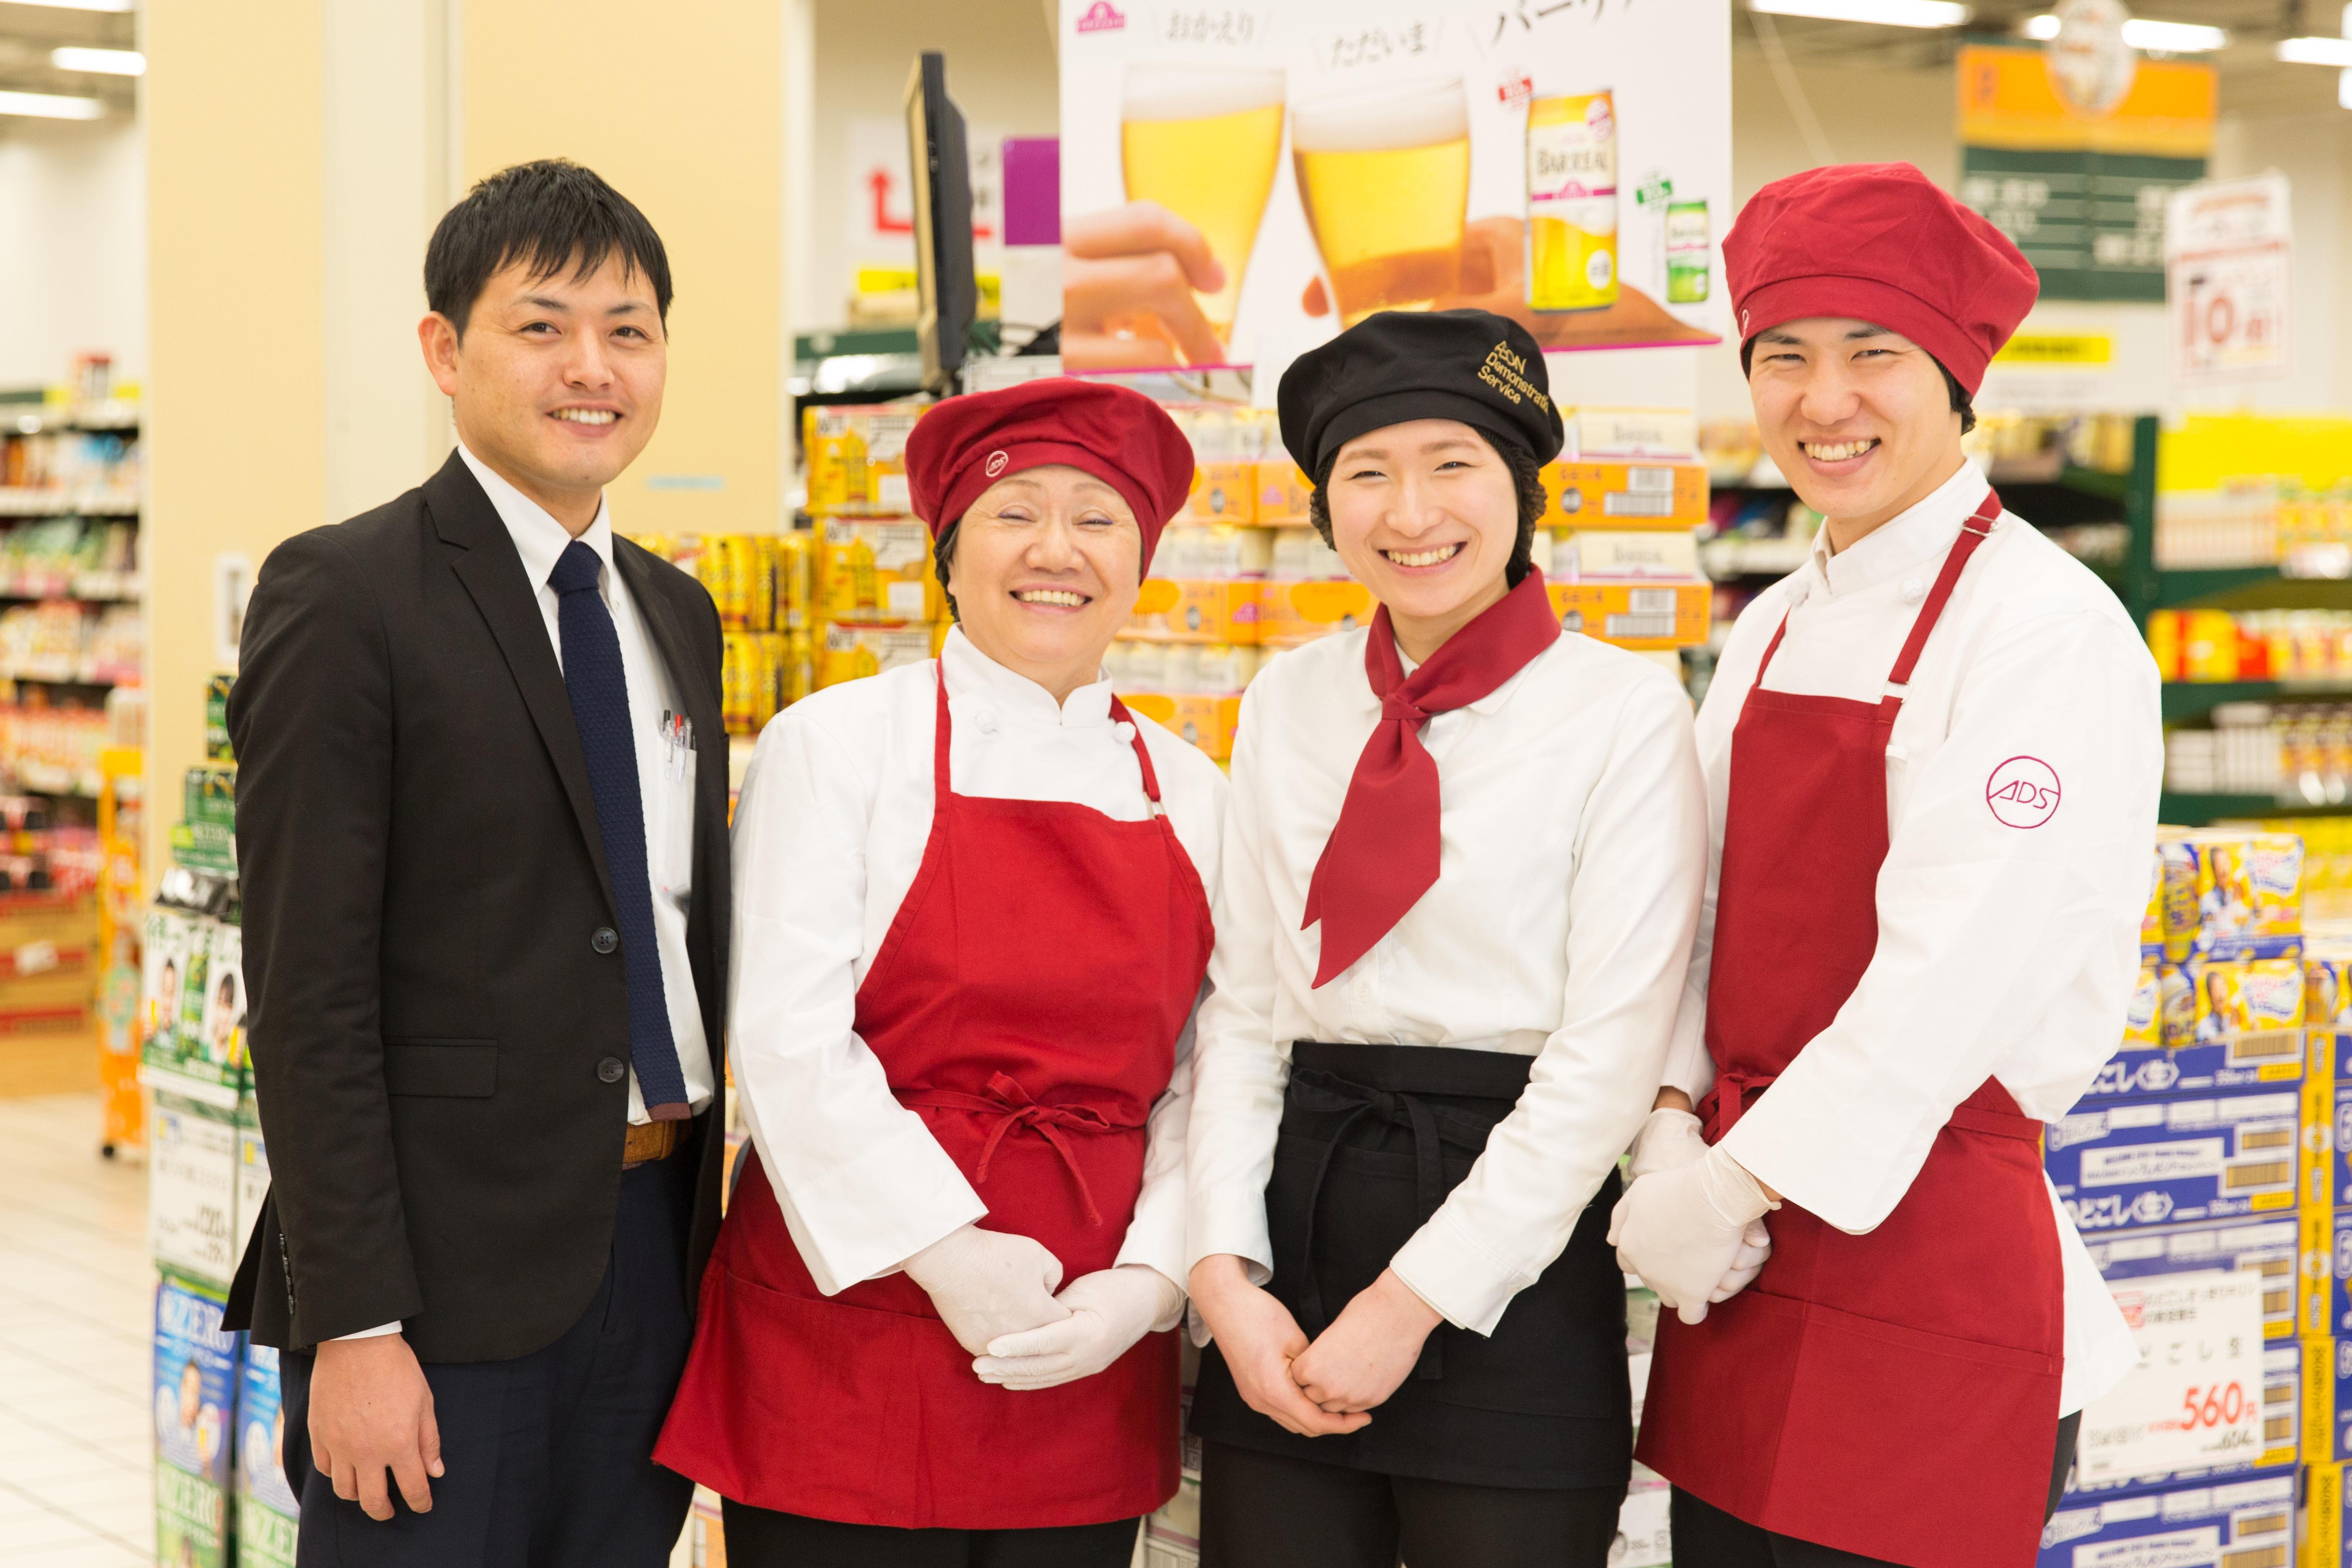 イオン 東雲店 のアルバイト情報